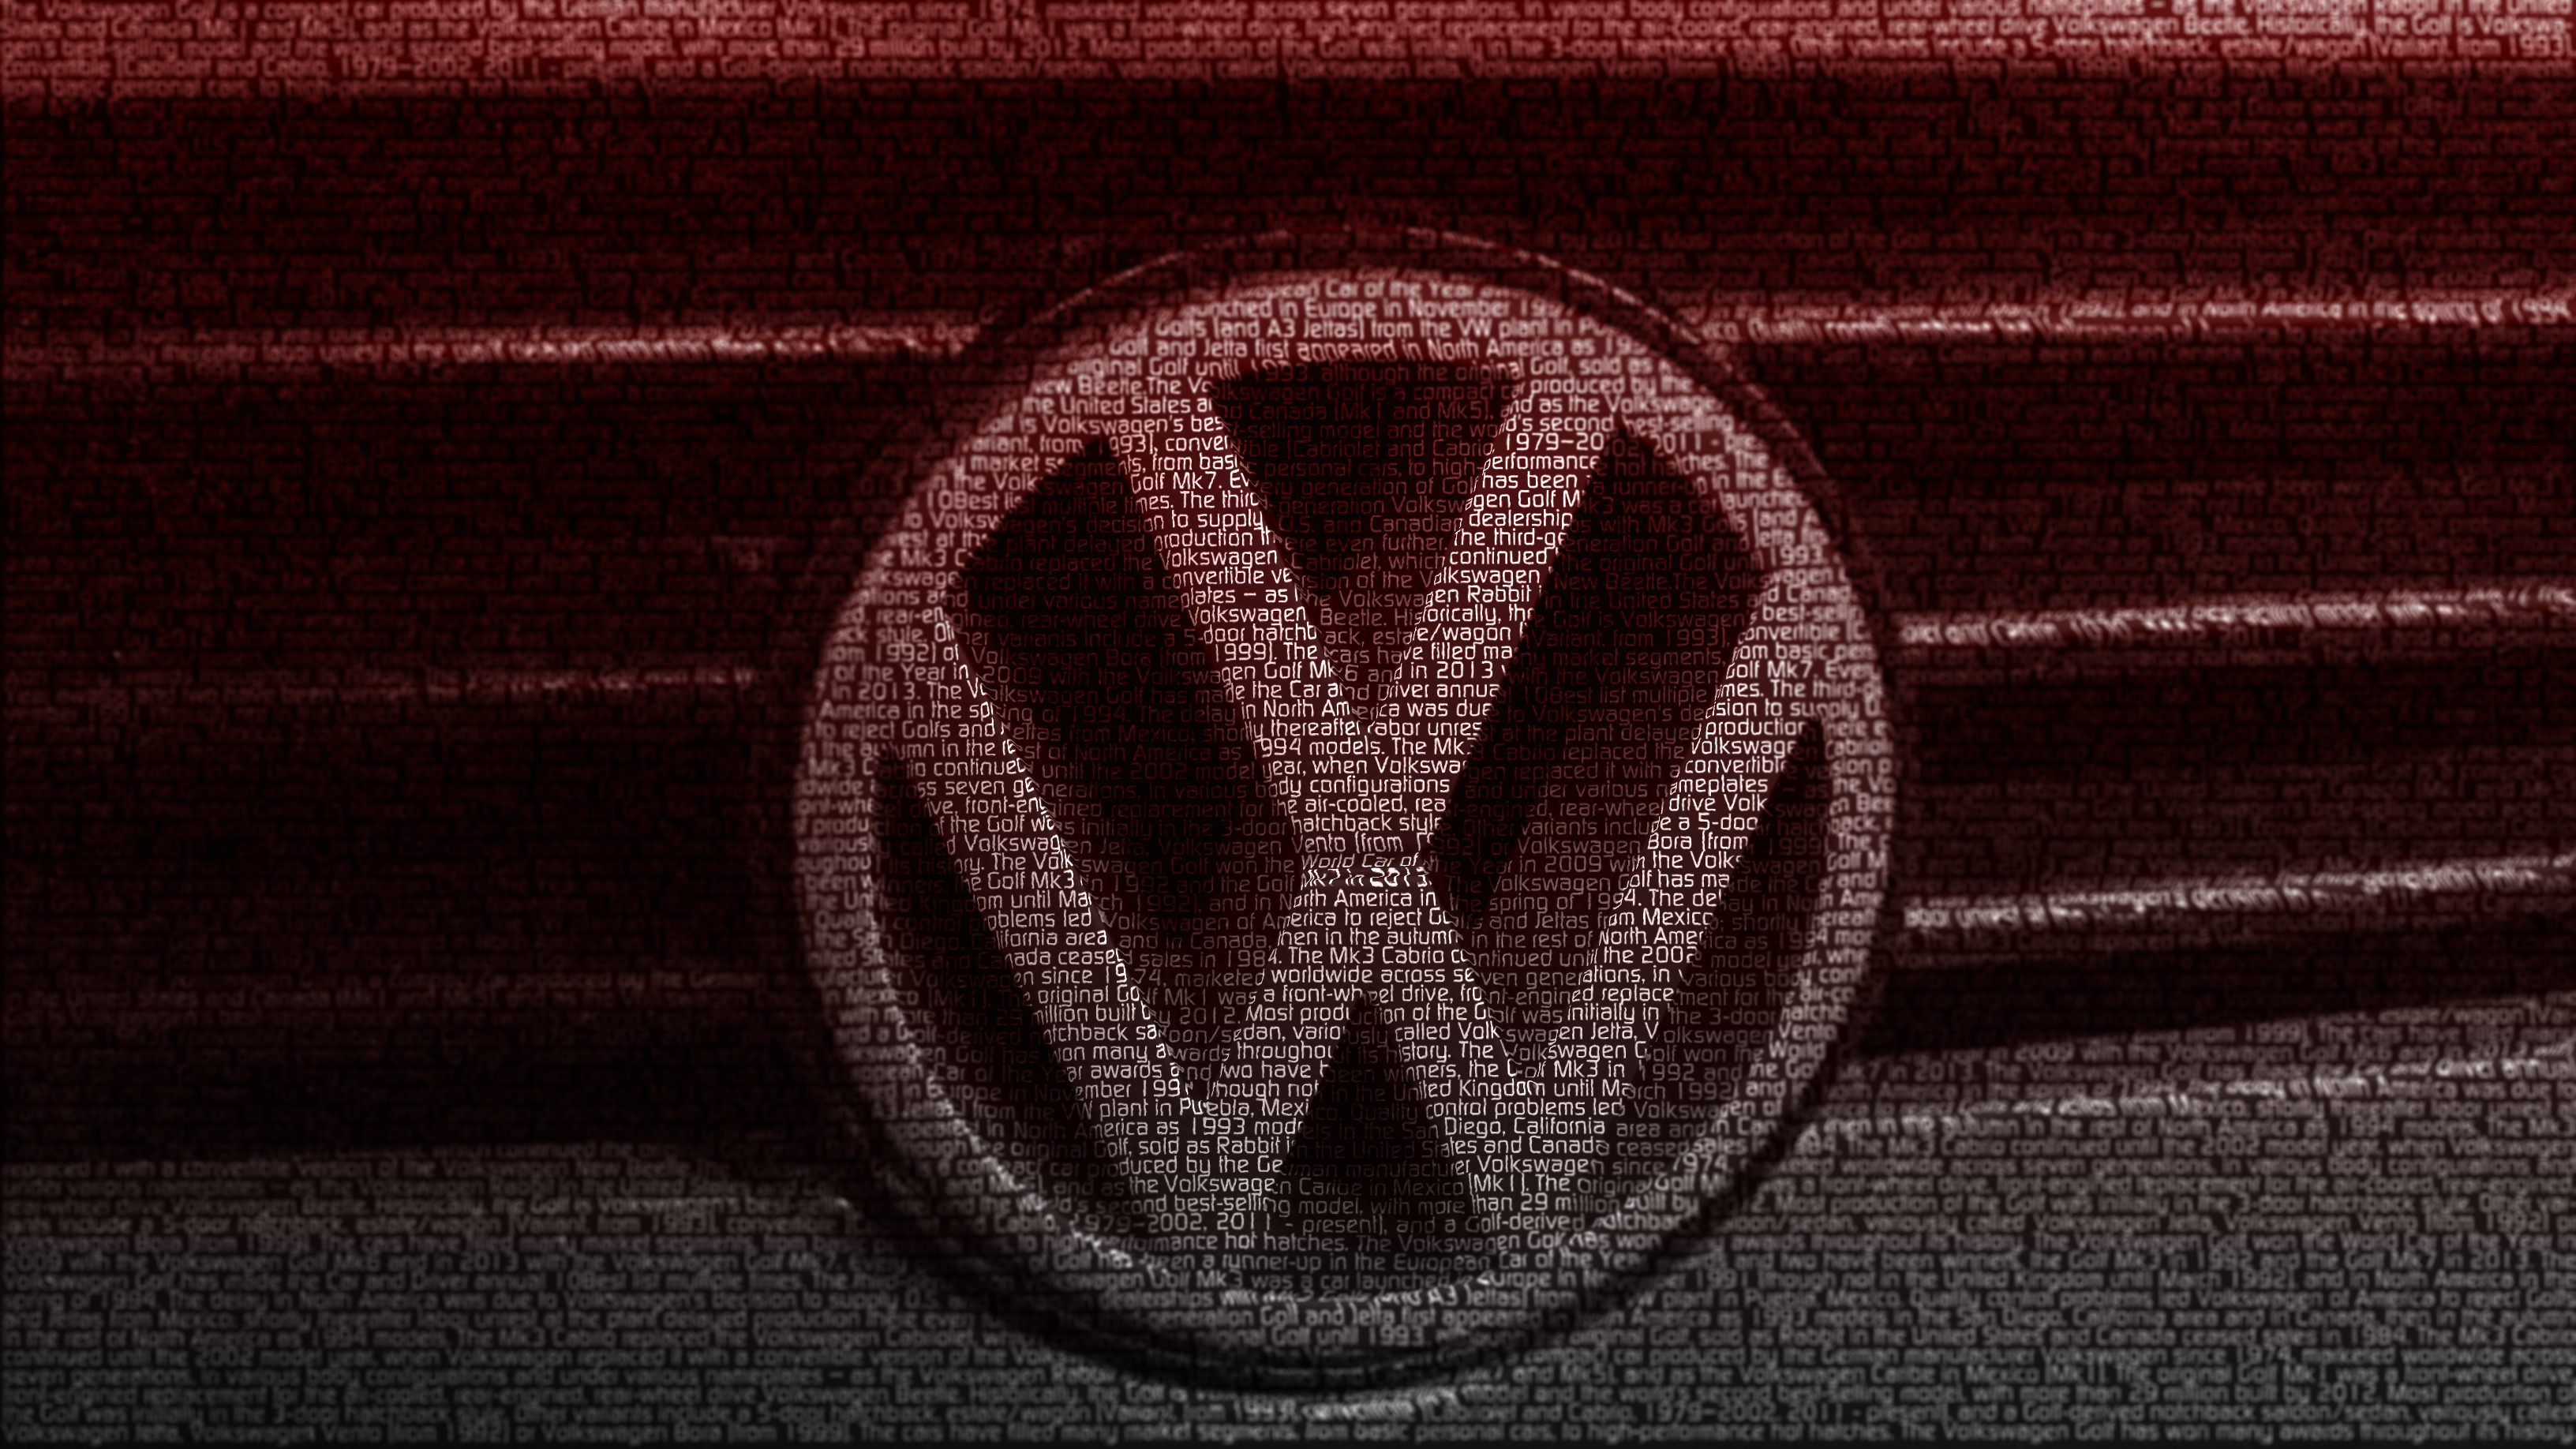 volkswagen golf hd wallpapers. Â«Â«